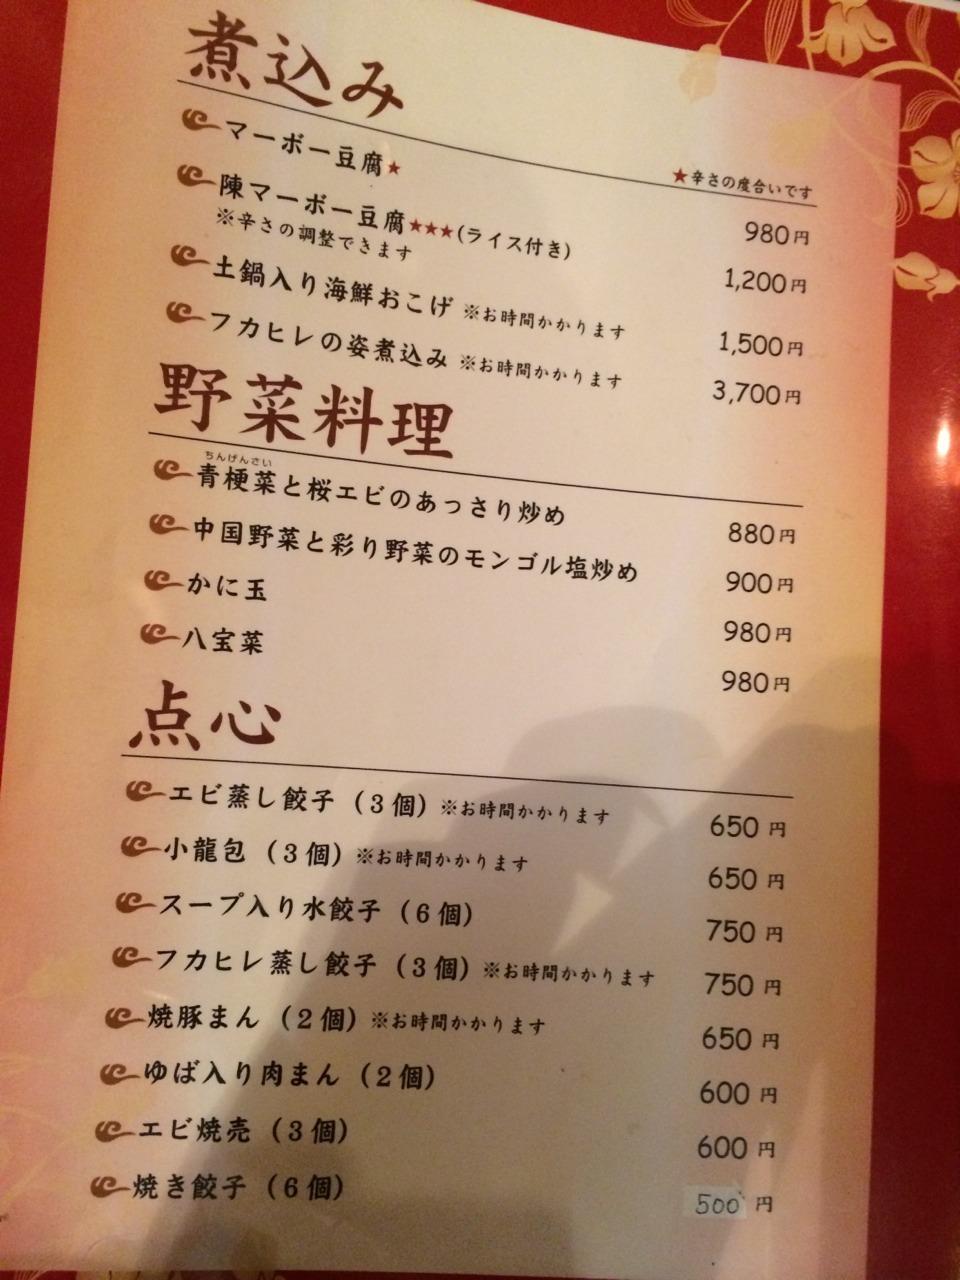 中国料理 銀座四川 壽桃  閉店アナウンス_e0115904_15361887.jpg